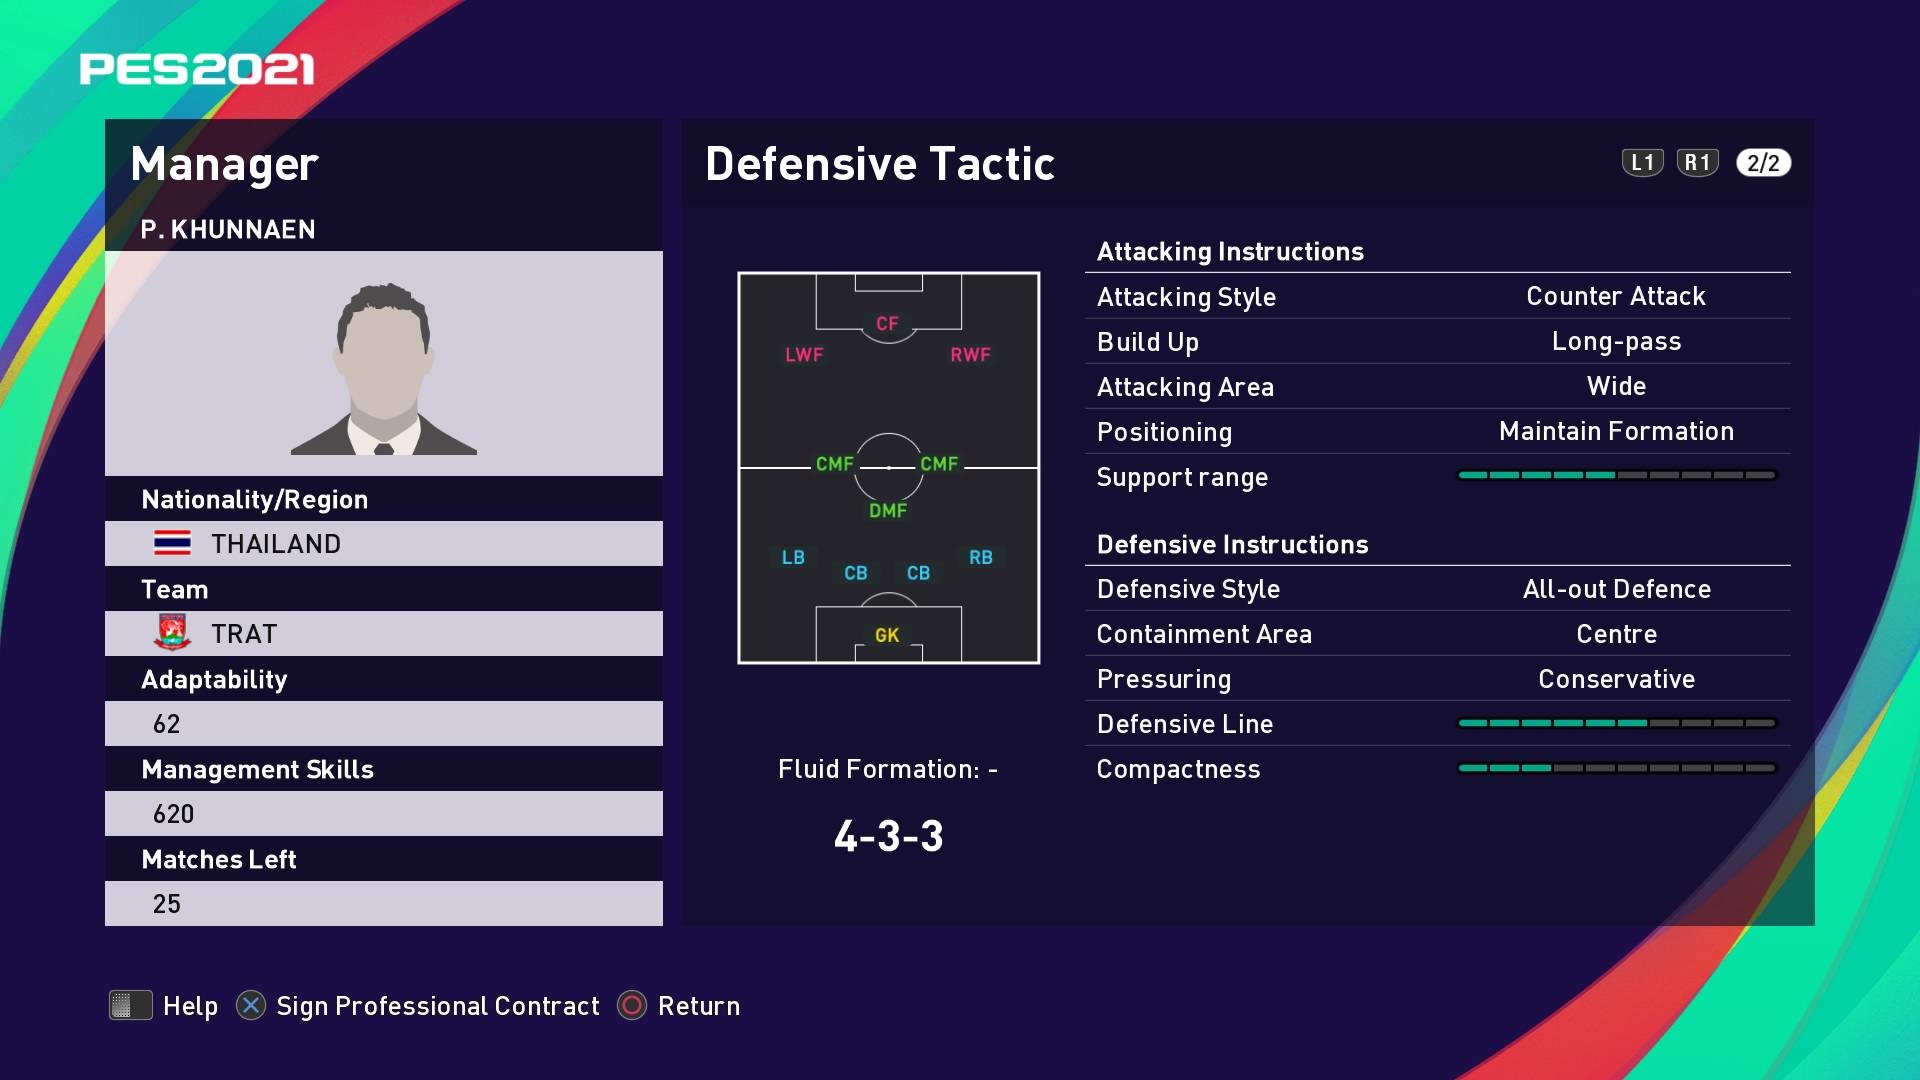 P. Khunnaen (Phayong Khunnaen) Defensive Tactic in PES 2021 myClub